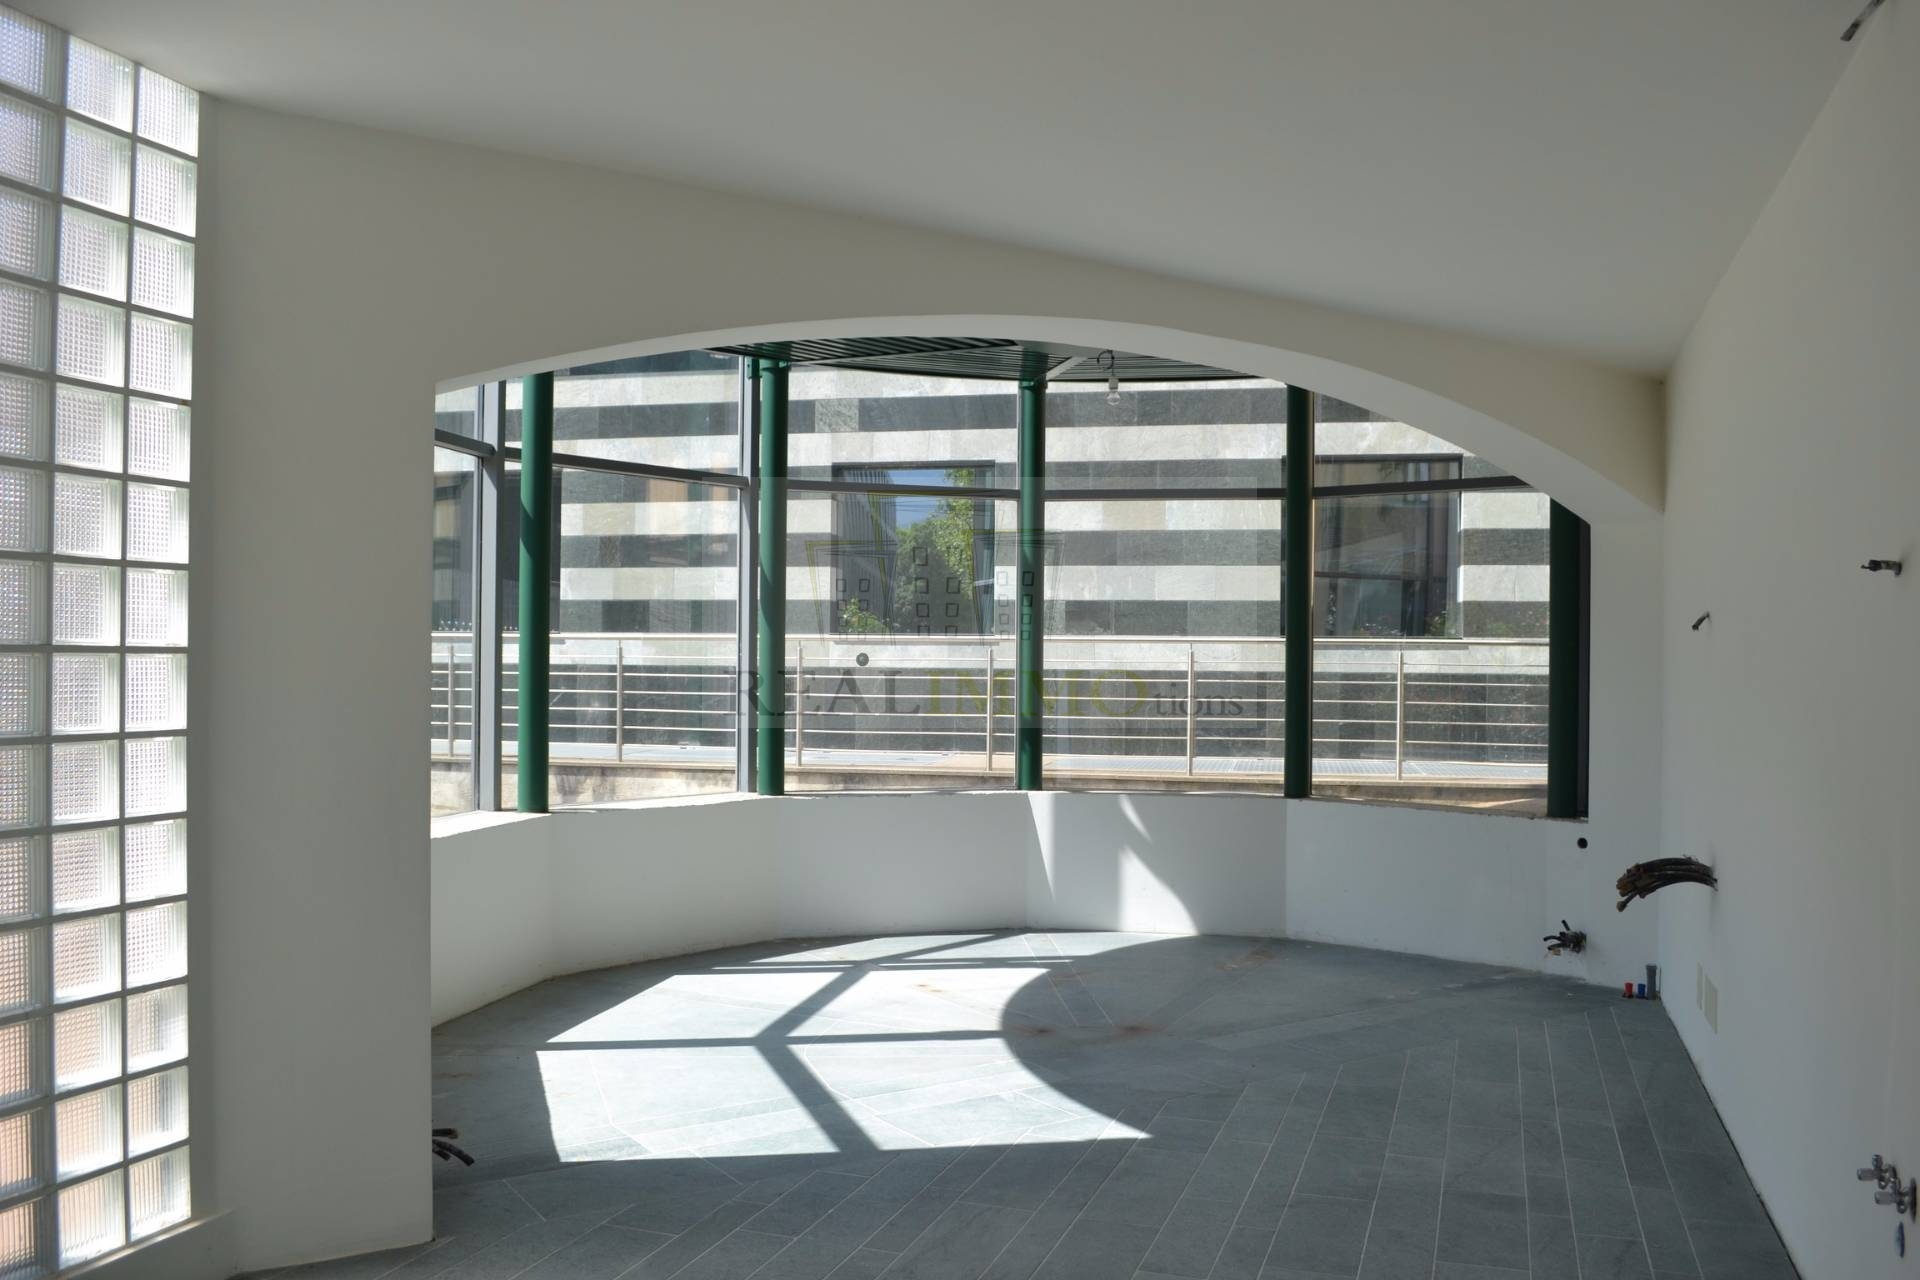 Negozio / Locale in vendita a Bressanone, 9999 locali, prezzo € 600.000 | Cambio Casa.it